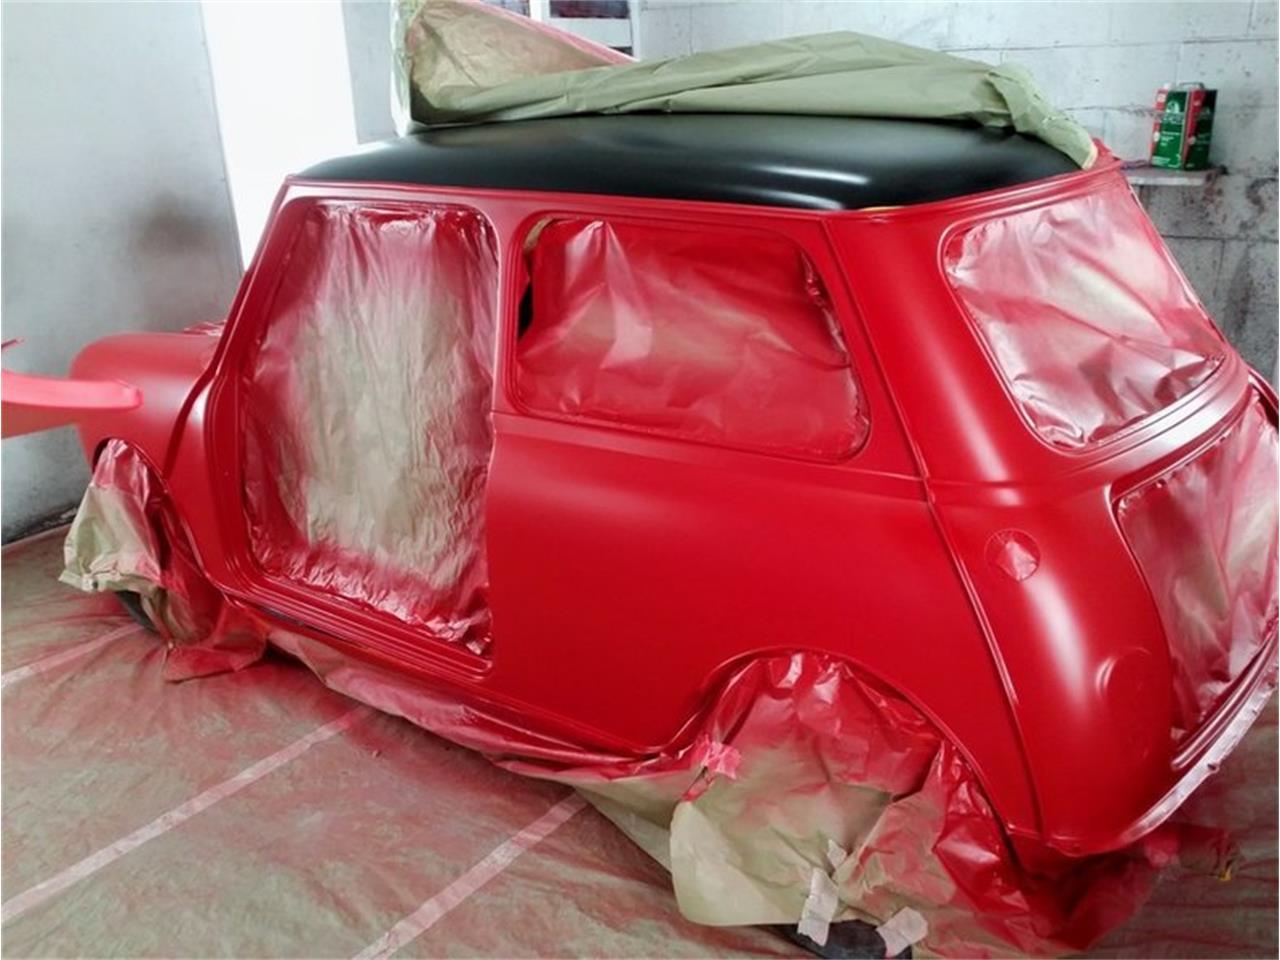 Large Picture of '66 Austin Mini Cooper S - $53,000.00 - Q2CQ